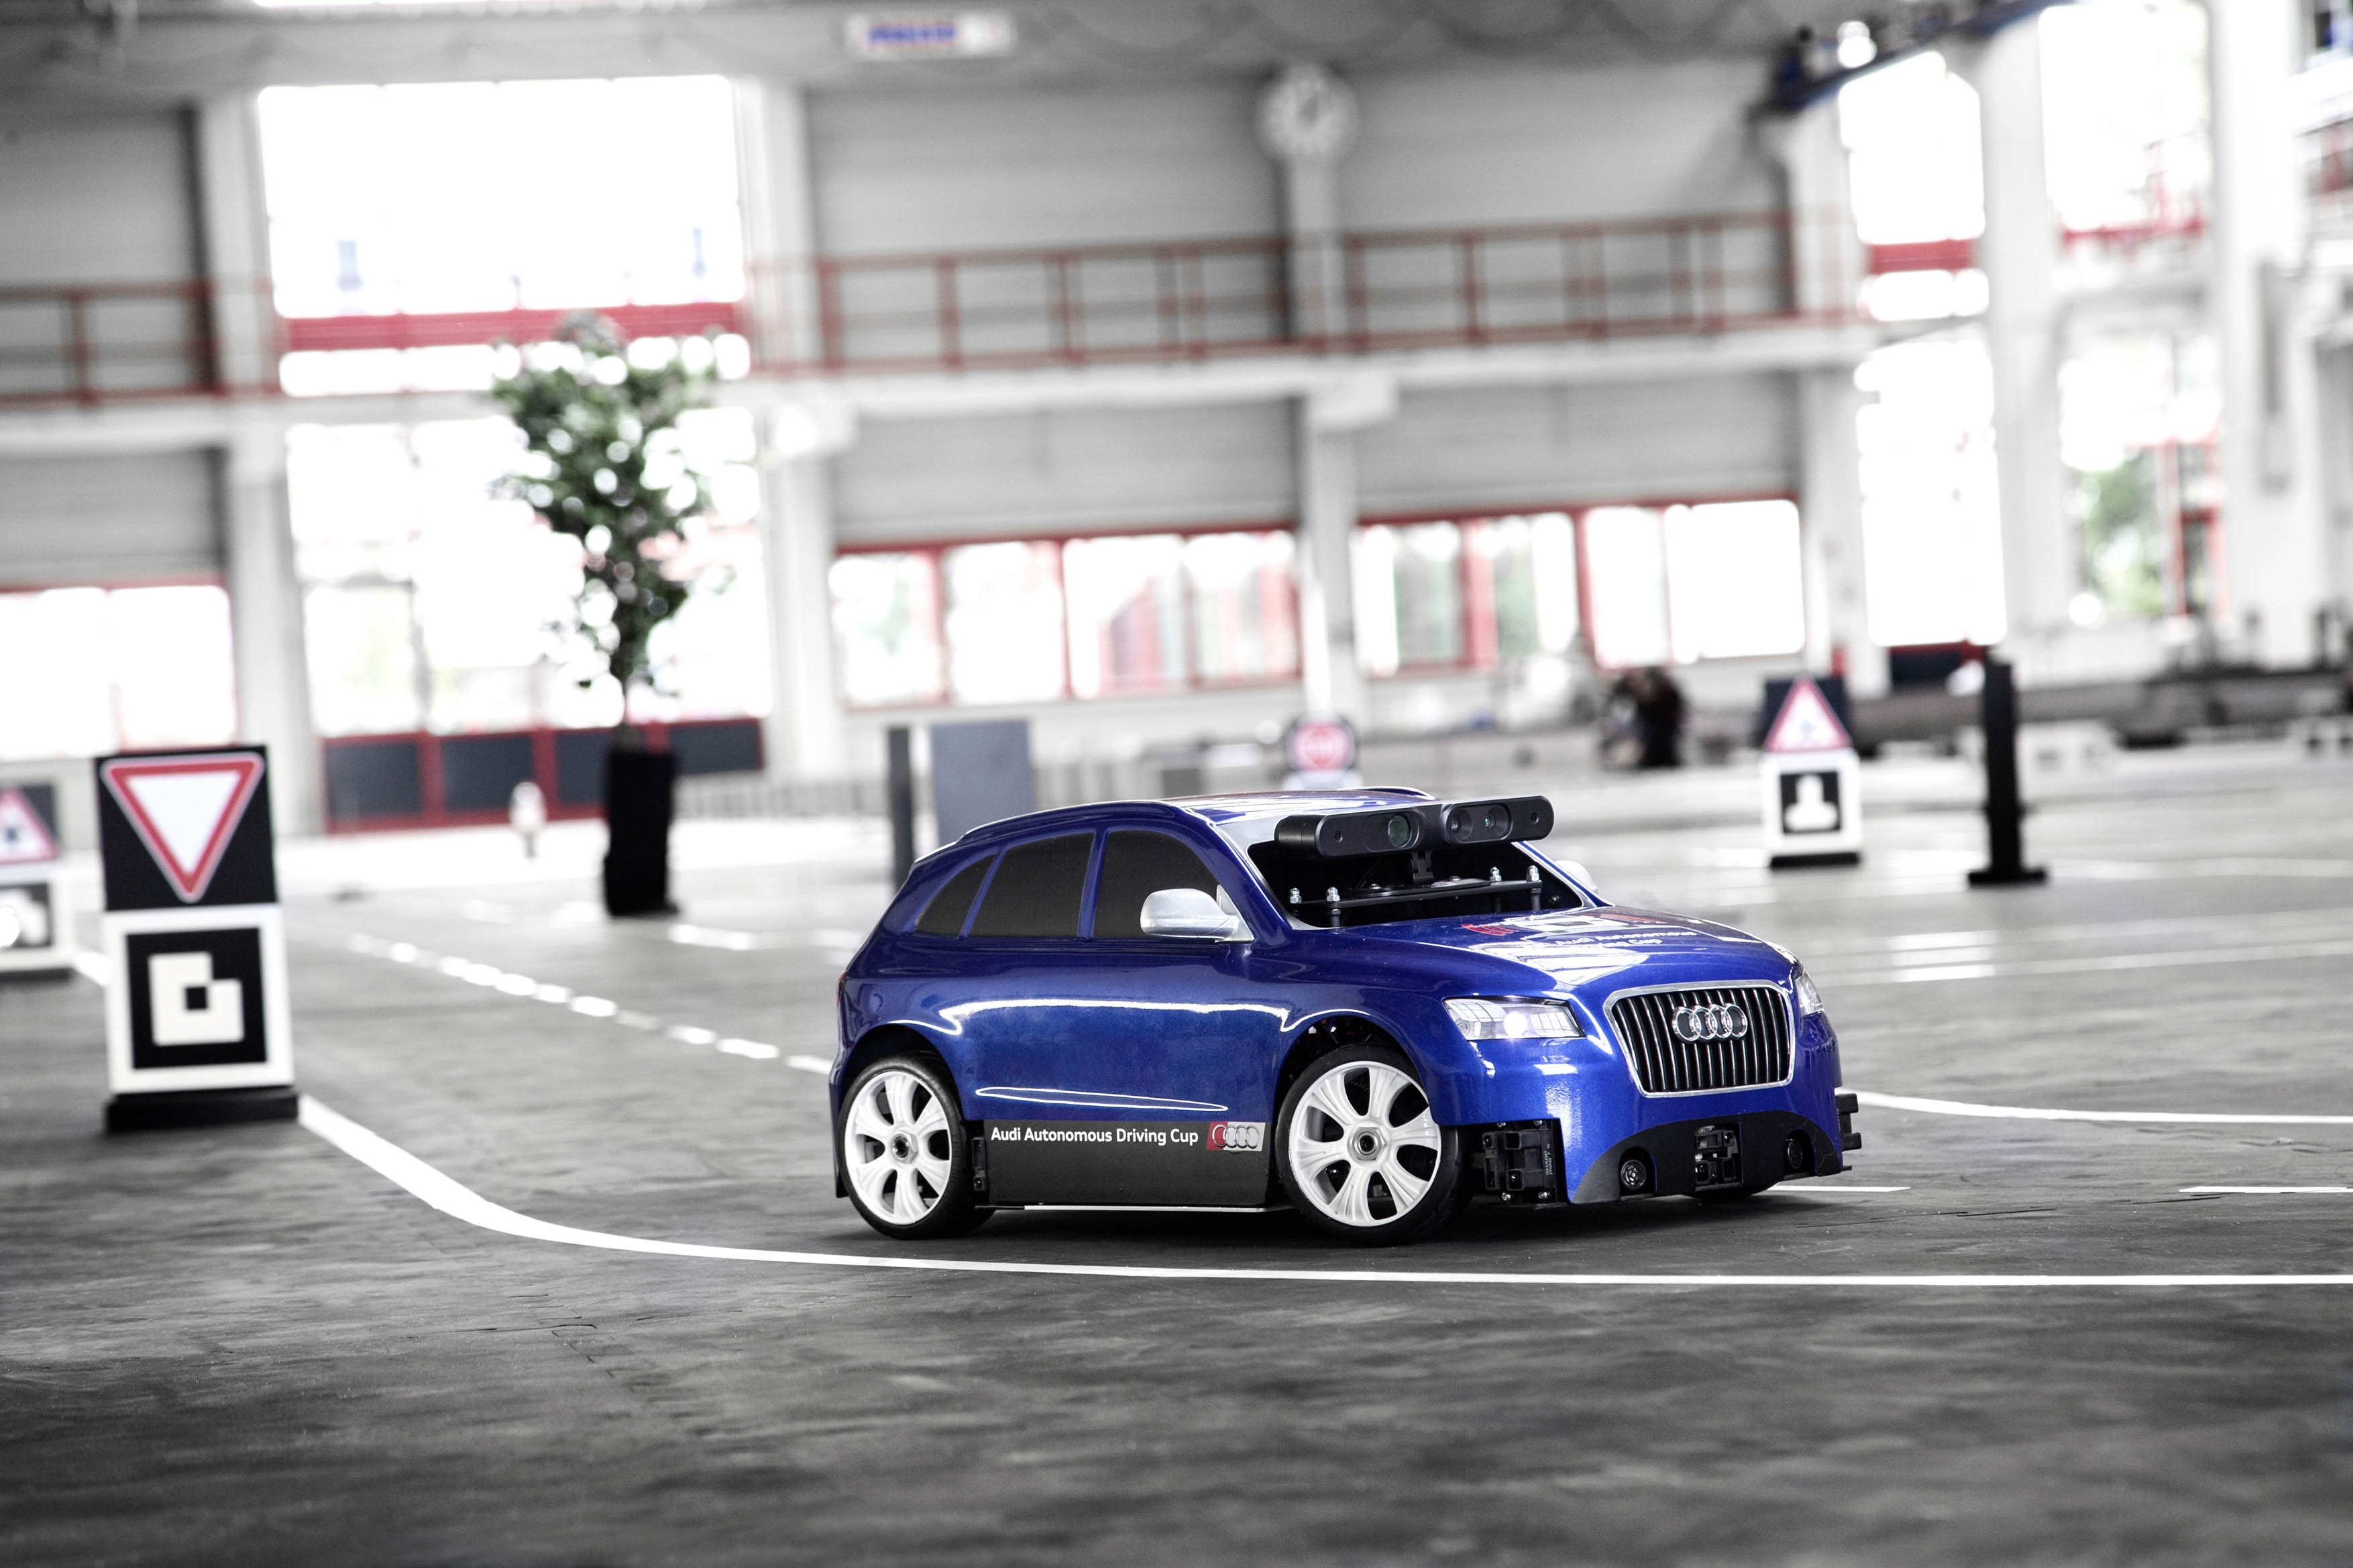 Al sinds 2015 houdt Audi een wedstrijd voor studenten, om modelauto's in schaal 1:8 autonoom te laten rijden. Zijn ze al klaar om het ook in schaal 1:1 te gaan ontwikkelen?